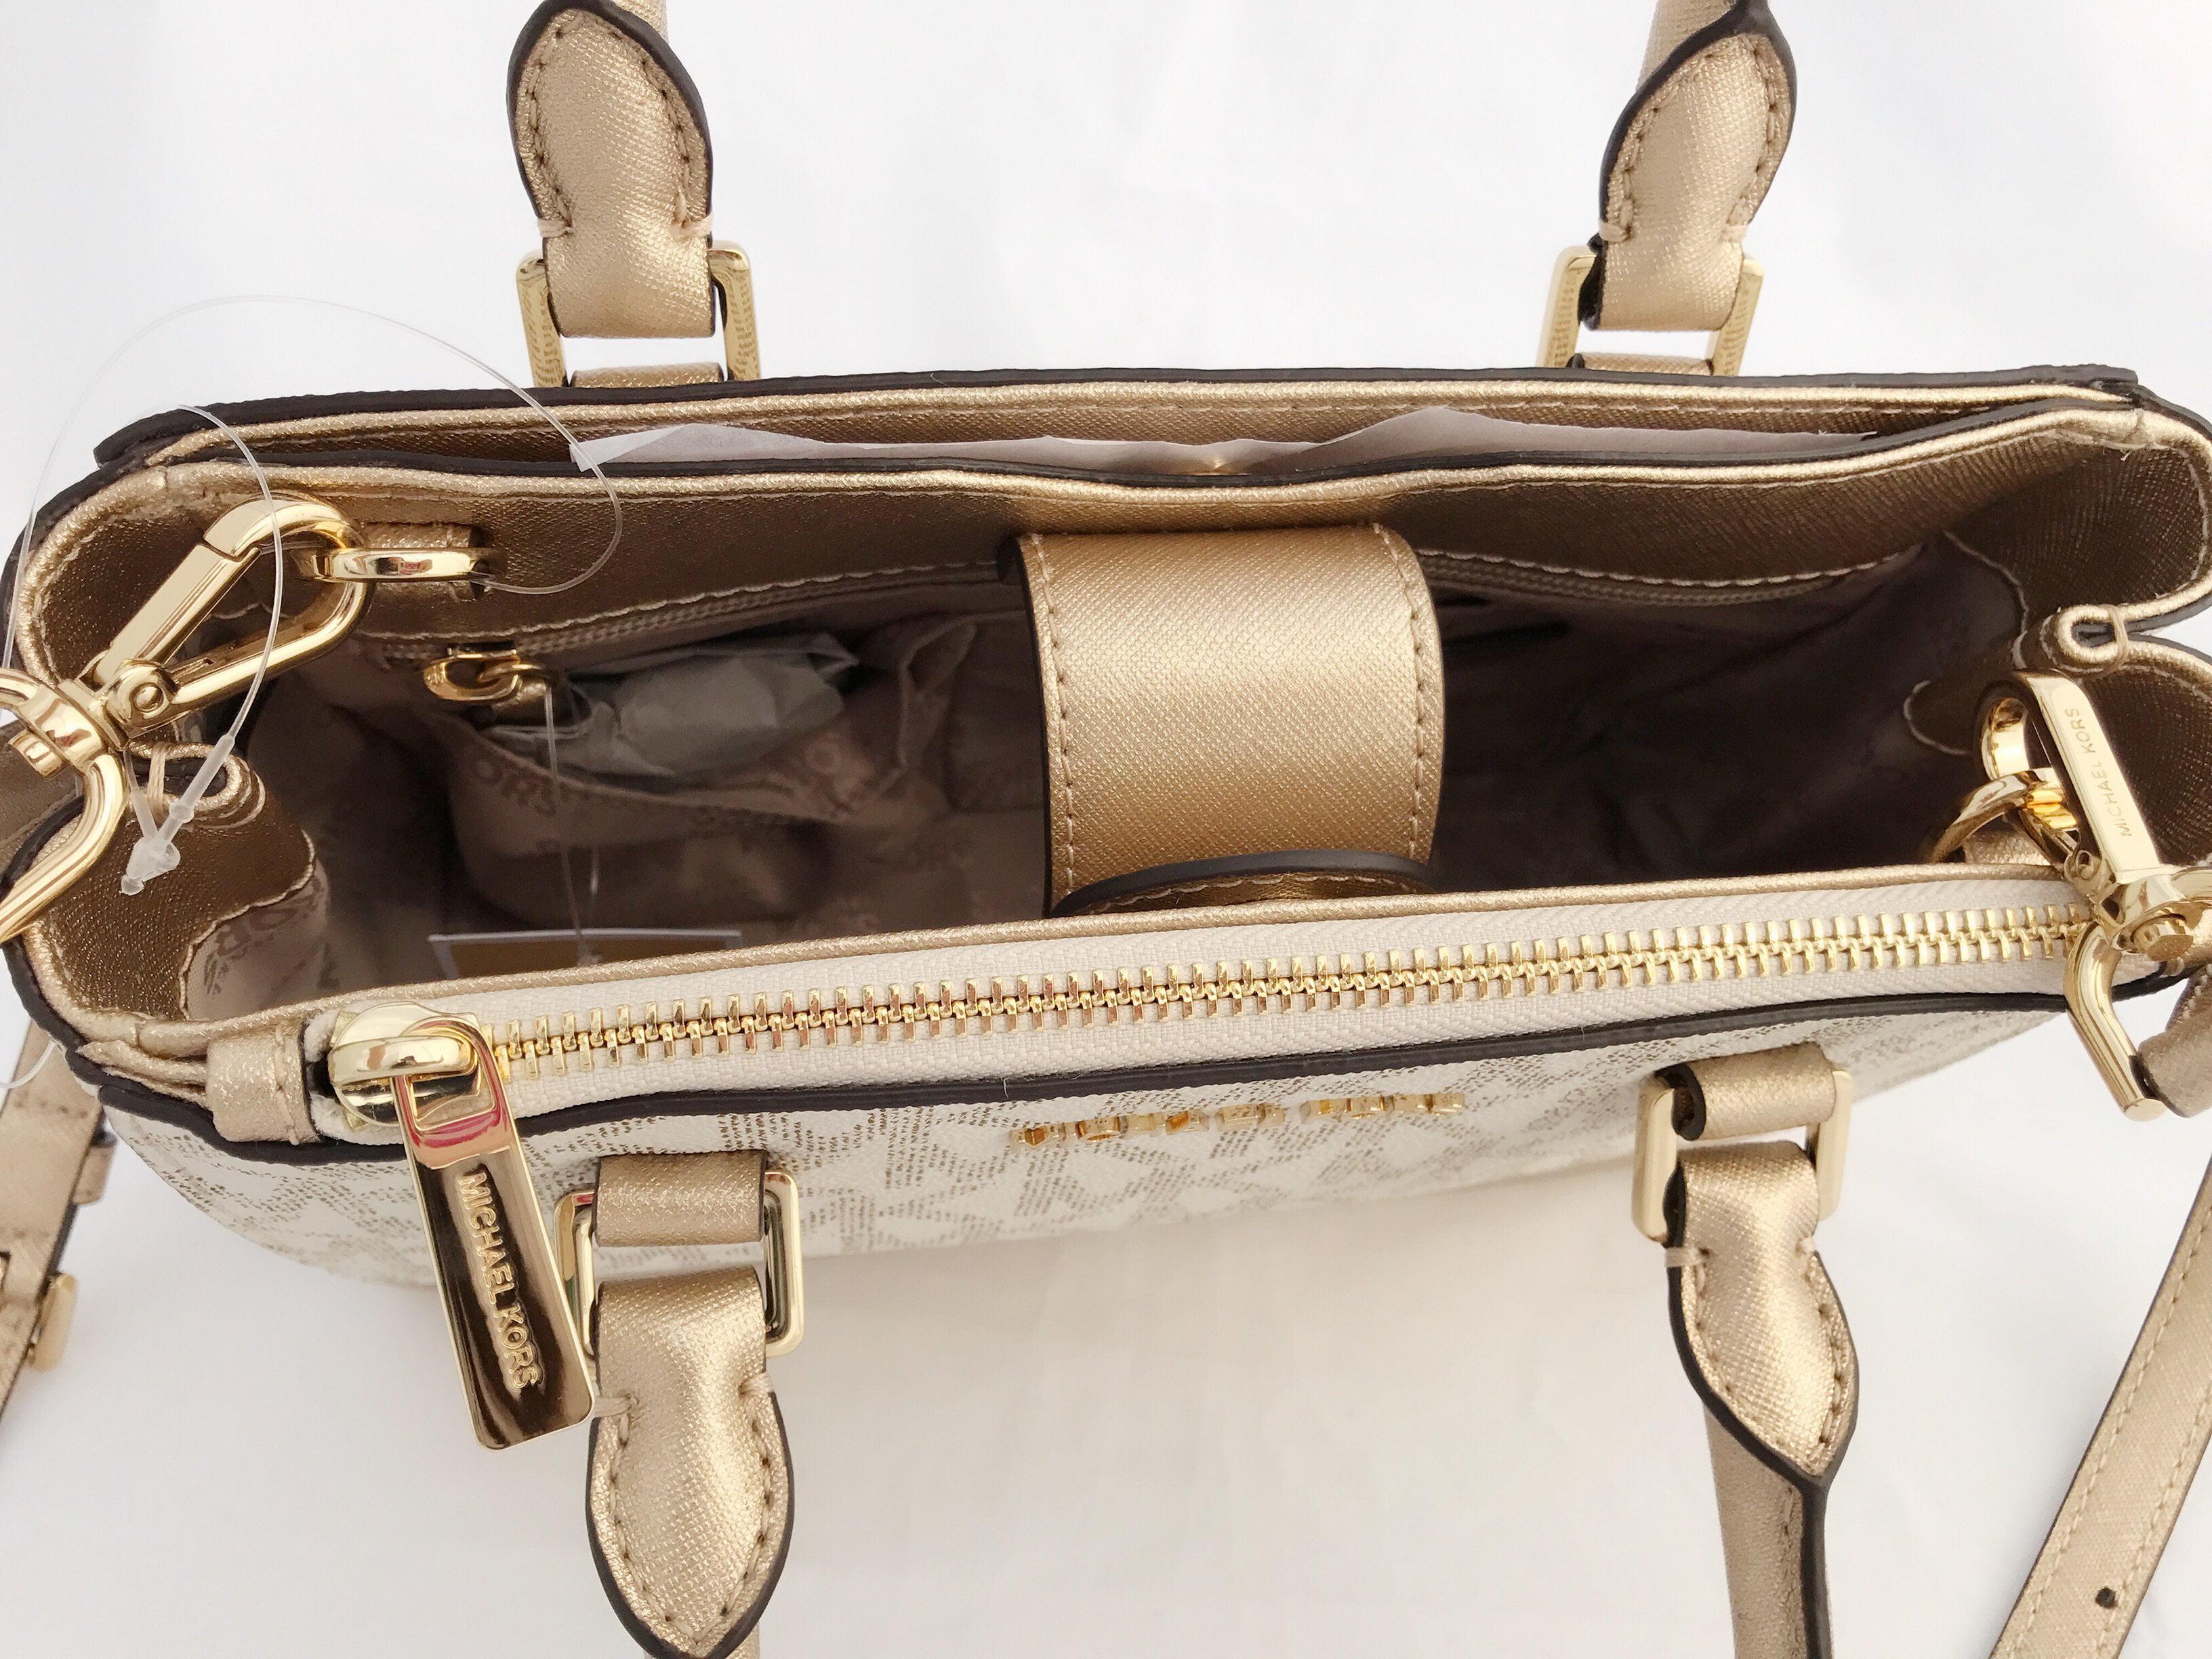 ac7f3aa85a6f8f Michael Kors - Michael Kors Kellen XS Satchel Vanilla MK Signature Gold  Small Crossbody Bag - Walmart.com